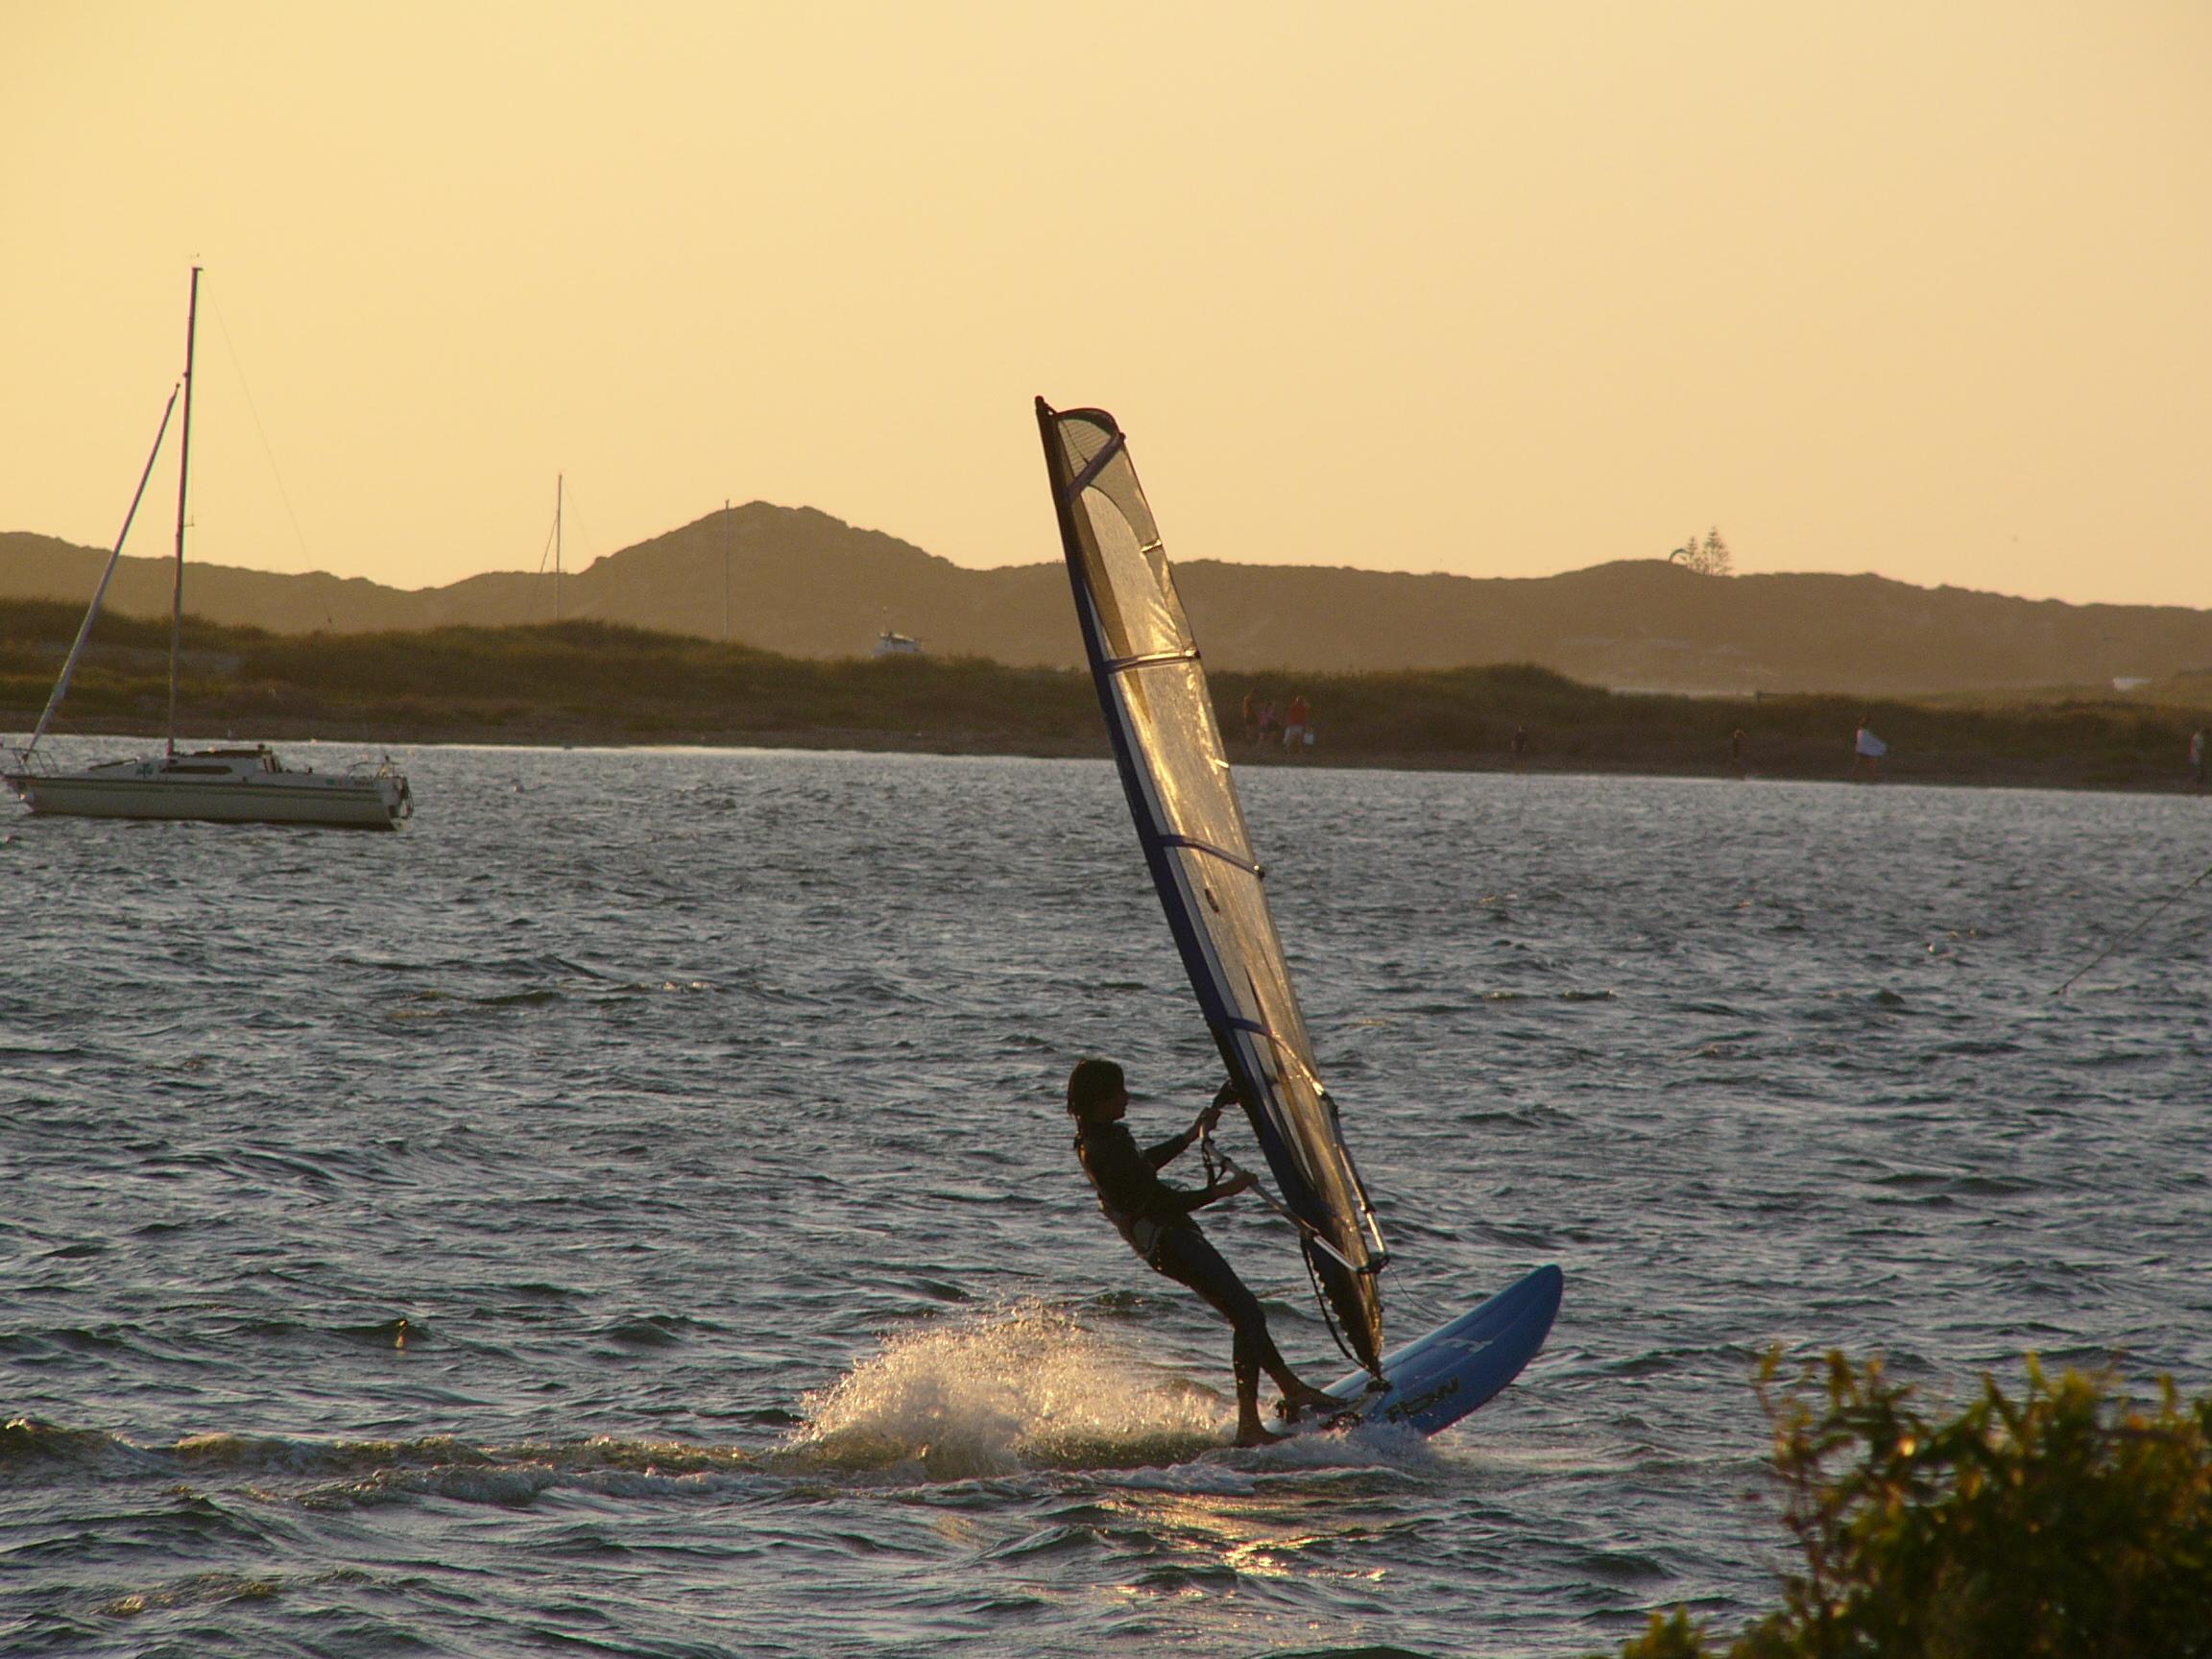 windsurfing_mof